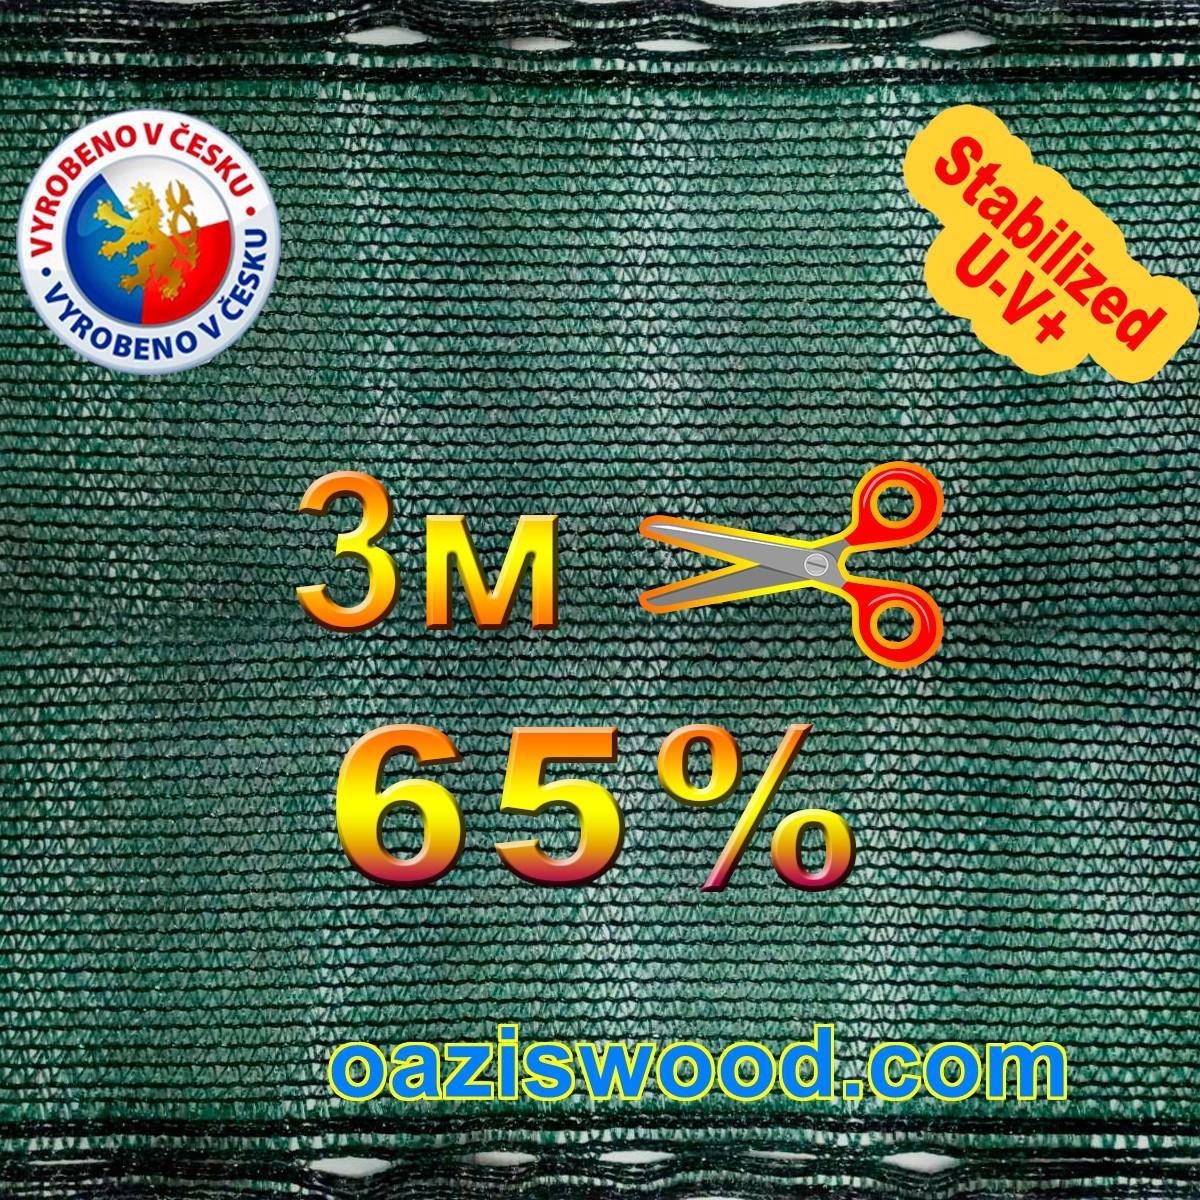 Сетка для затенения, защитная  ширина 3м затемнение 65% маскировочная Чехия